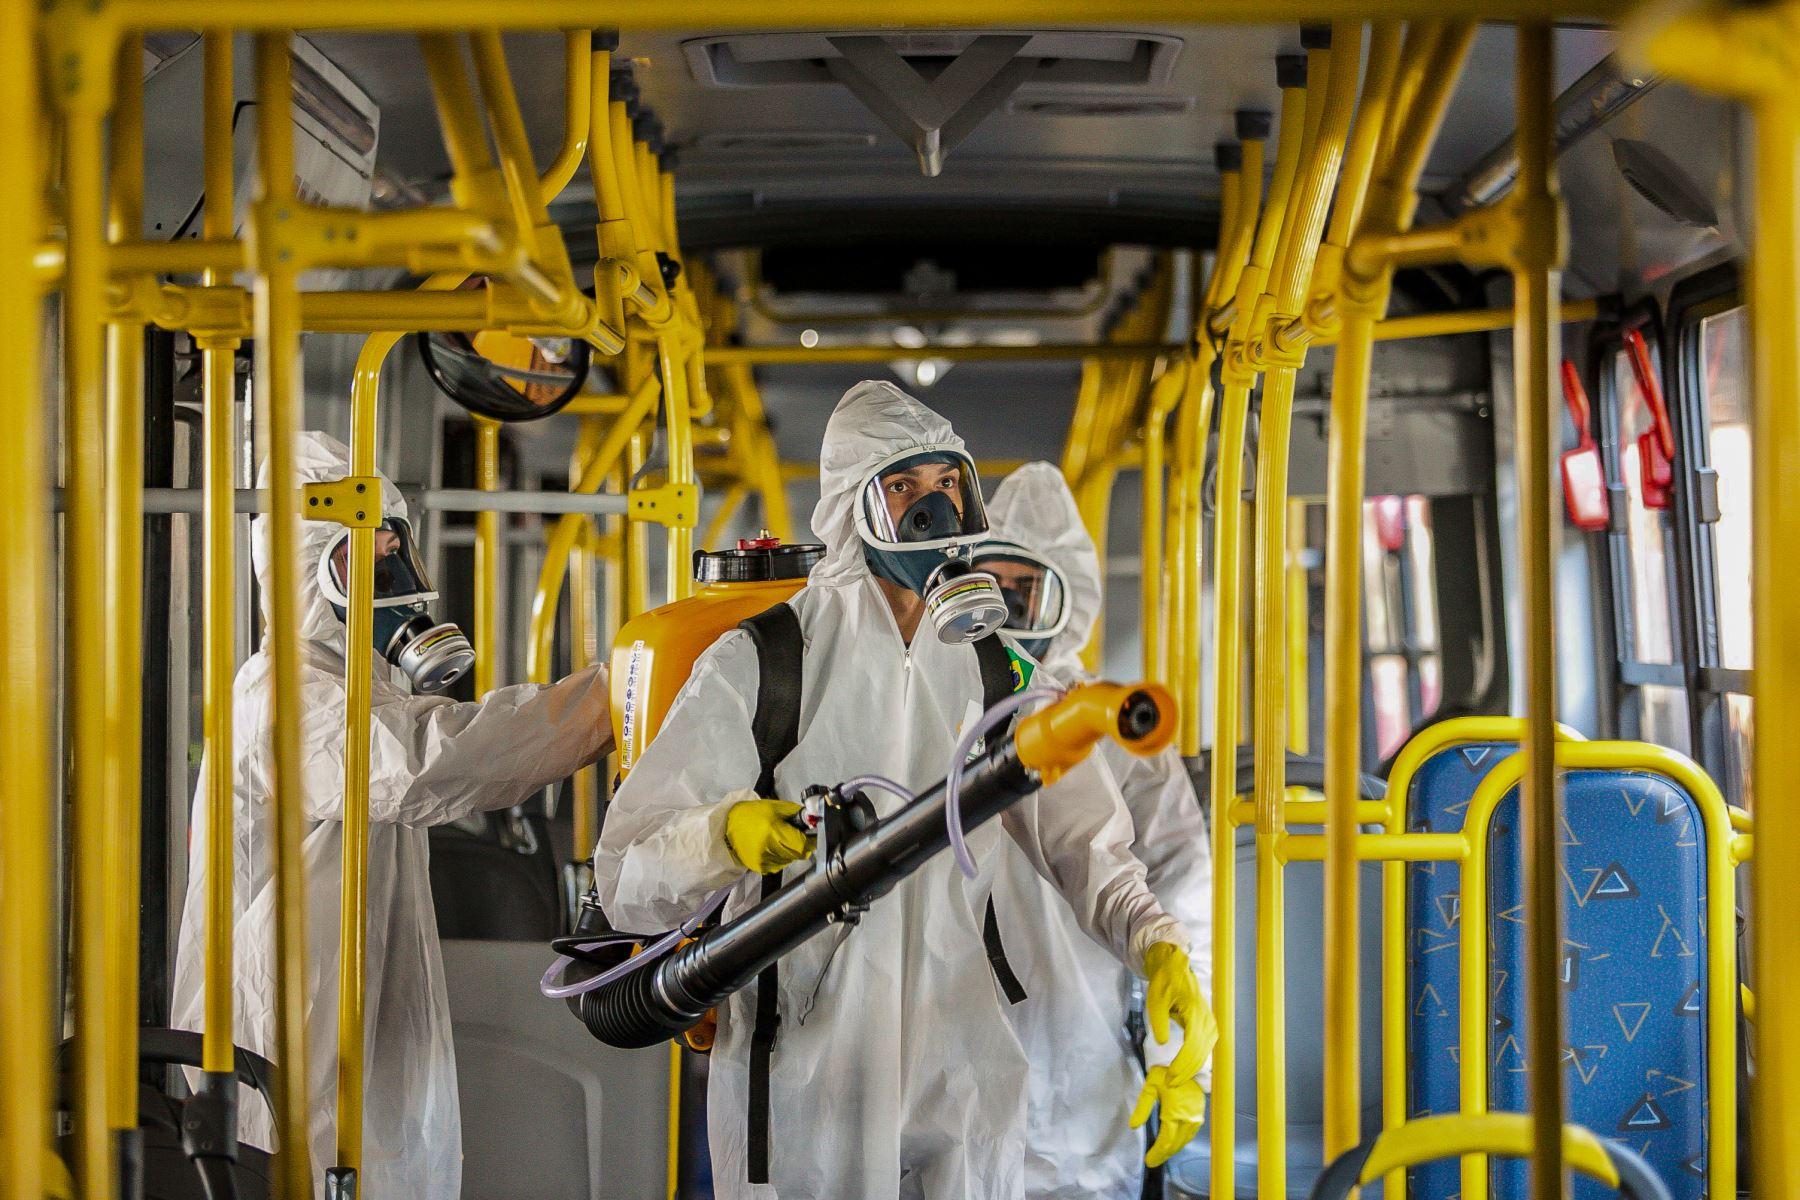 """Callado explicó que en la próxima semana se conformará un """"equipo de trabajo"""" que evaluará los resultados de las pruebas fase 1 y 2 de la vacuna. Foto: AFP"""